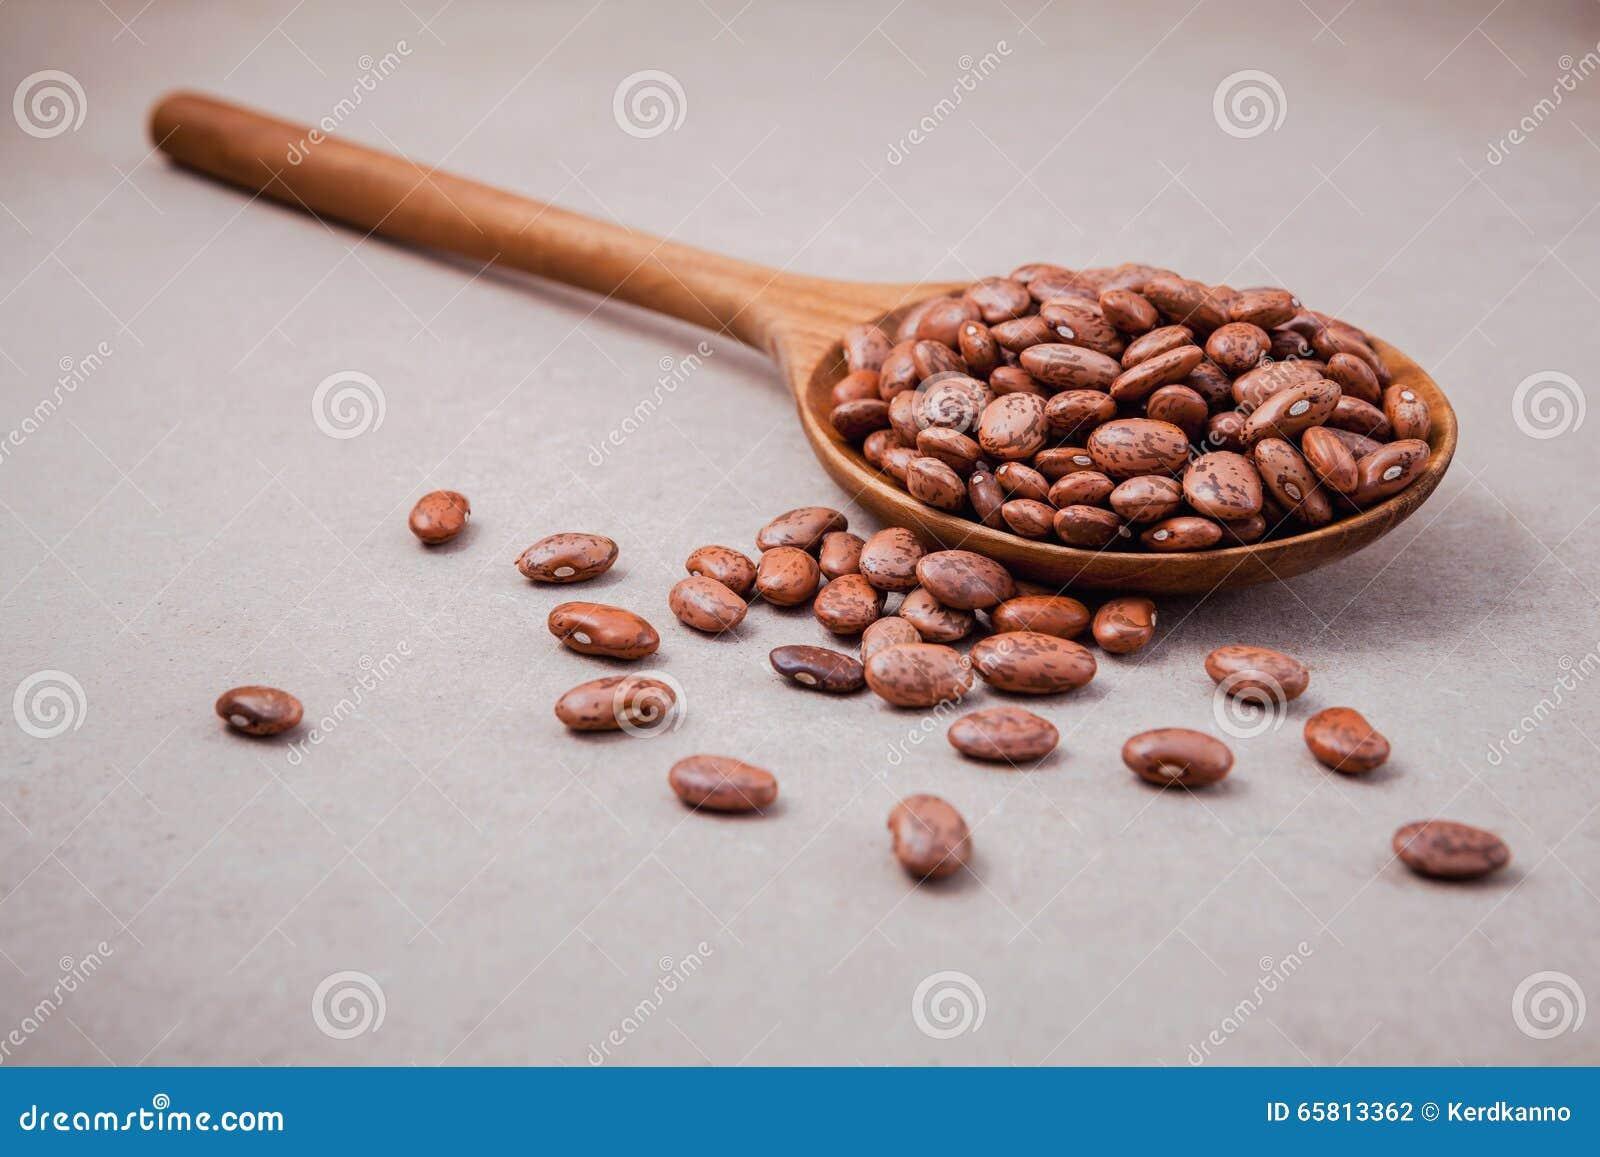 La composition des haricots de pinto crus dans la cuill re en bois sur le dos de brun photo - Le coup de la cuillere en bois ...